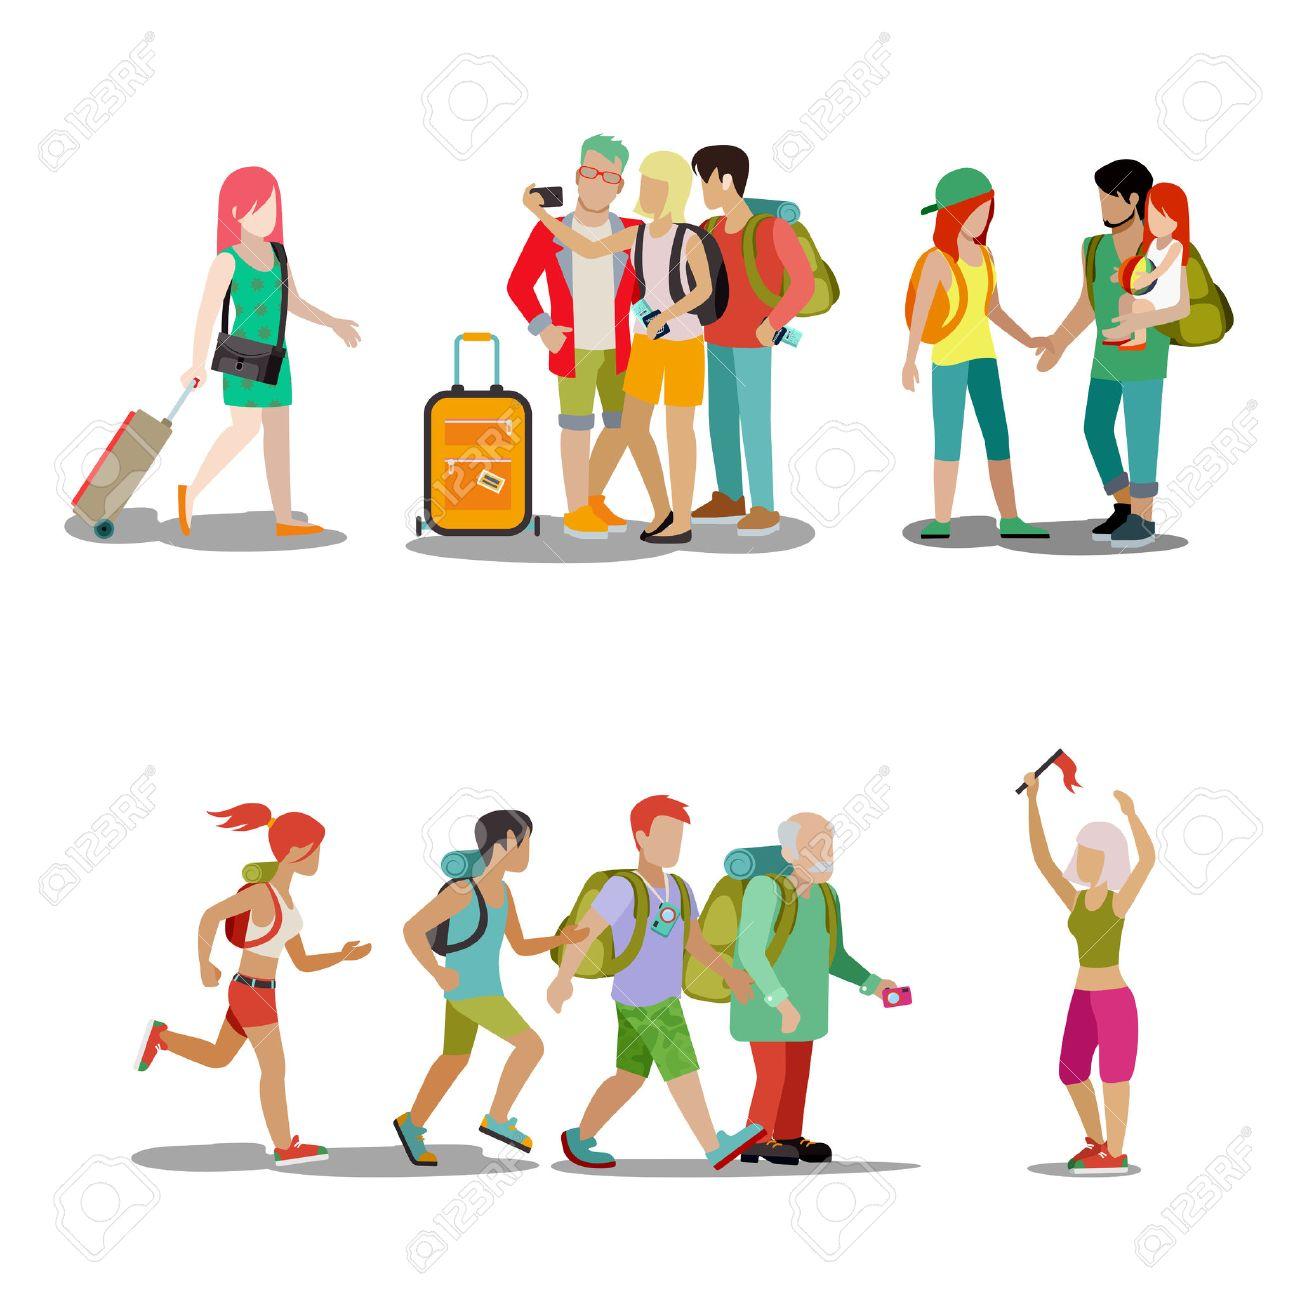 Conjunto Del Icono De La Gente De Vacaciones Familiares Hombre